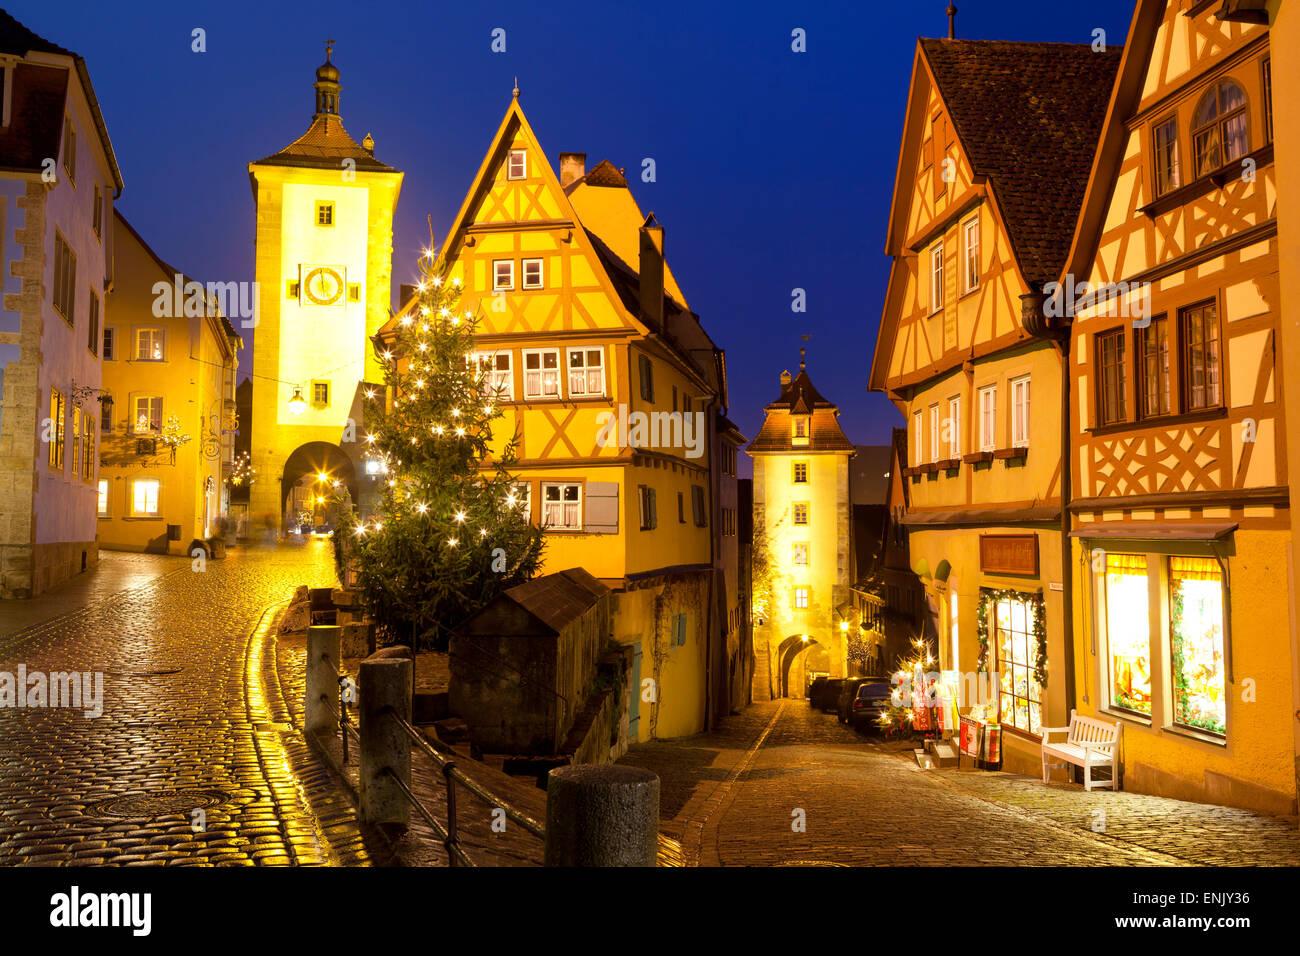 Weihnachtsbaum am Plonlein, Rothenburg Ob der Tauber, Bayern, Deutschland, Europa Stockbild